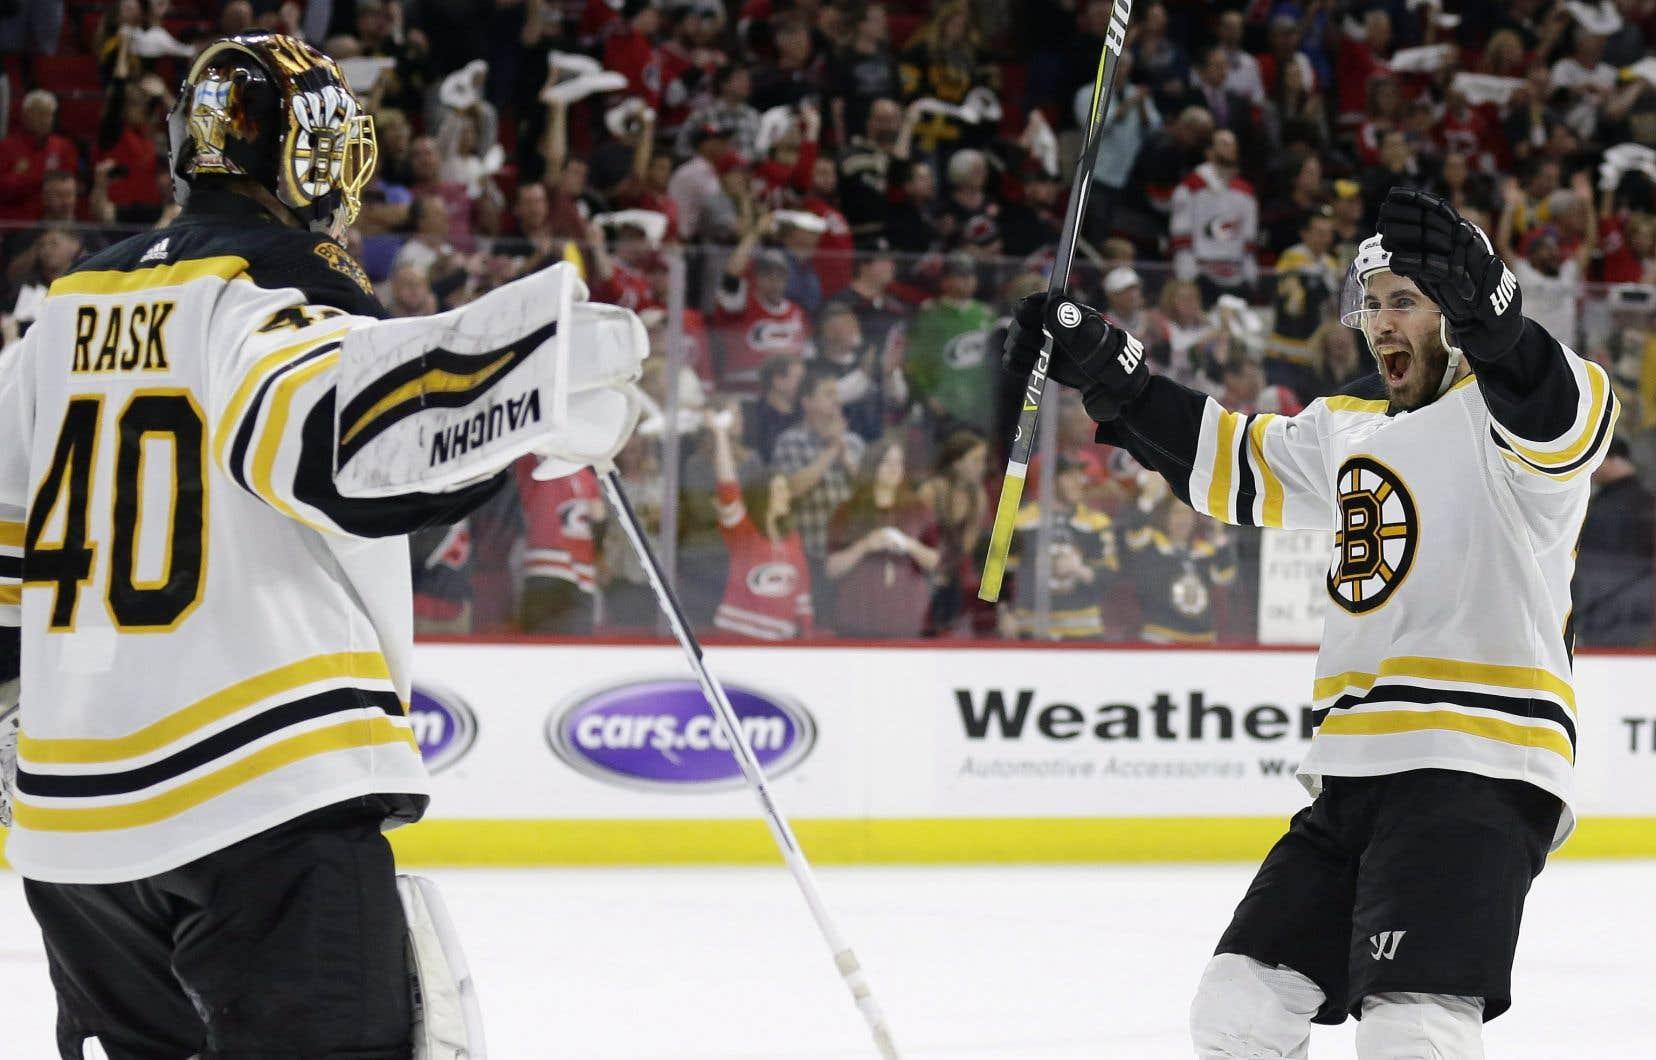 <p>Tuukka Rask a effectué 24 arrêts, en route vers un deuxième blanchissage depuis le début des séries pour les Bruins.</p>